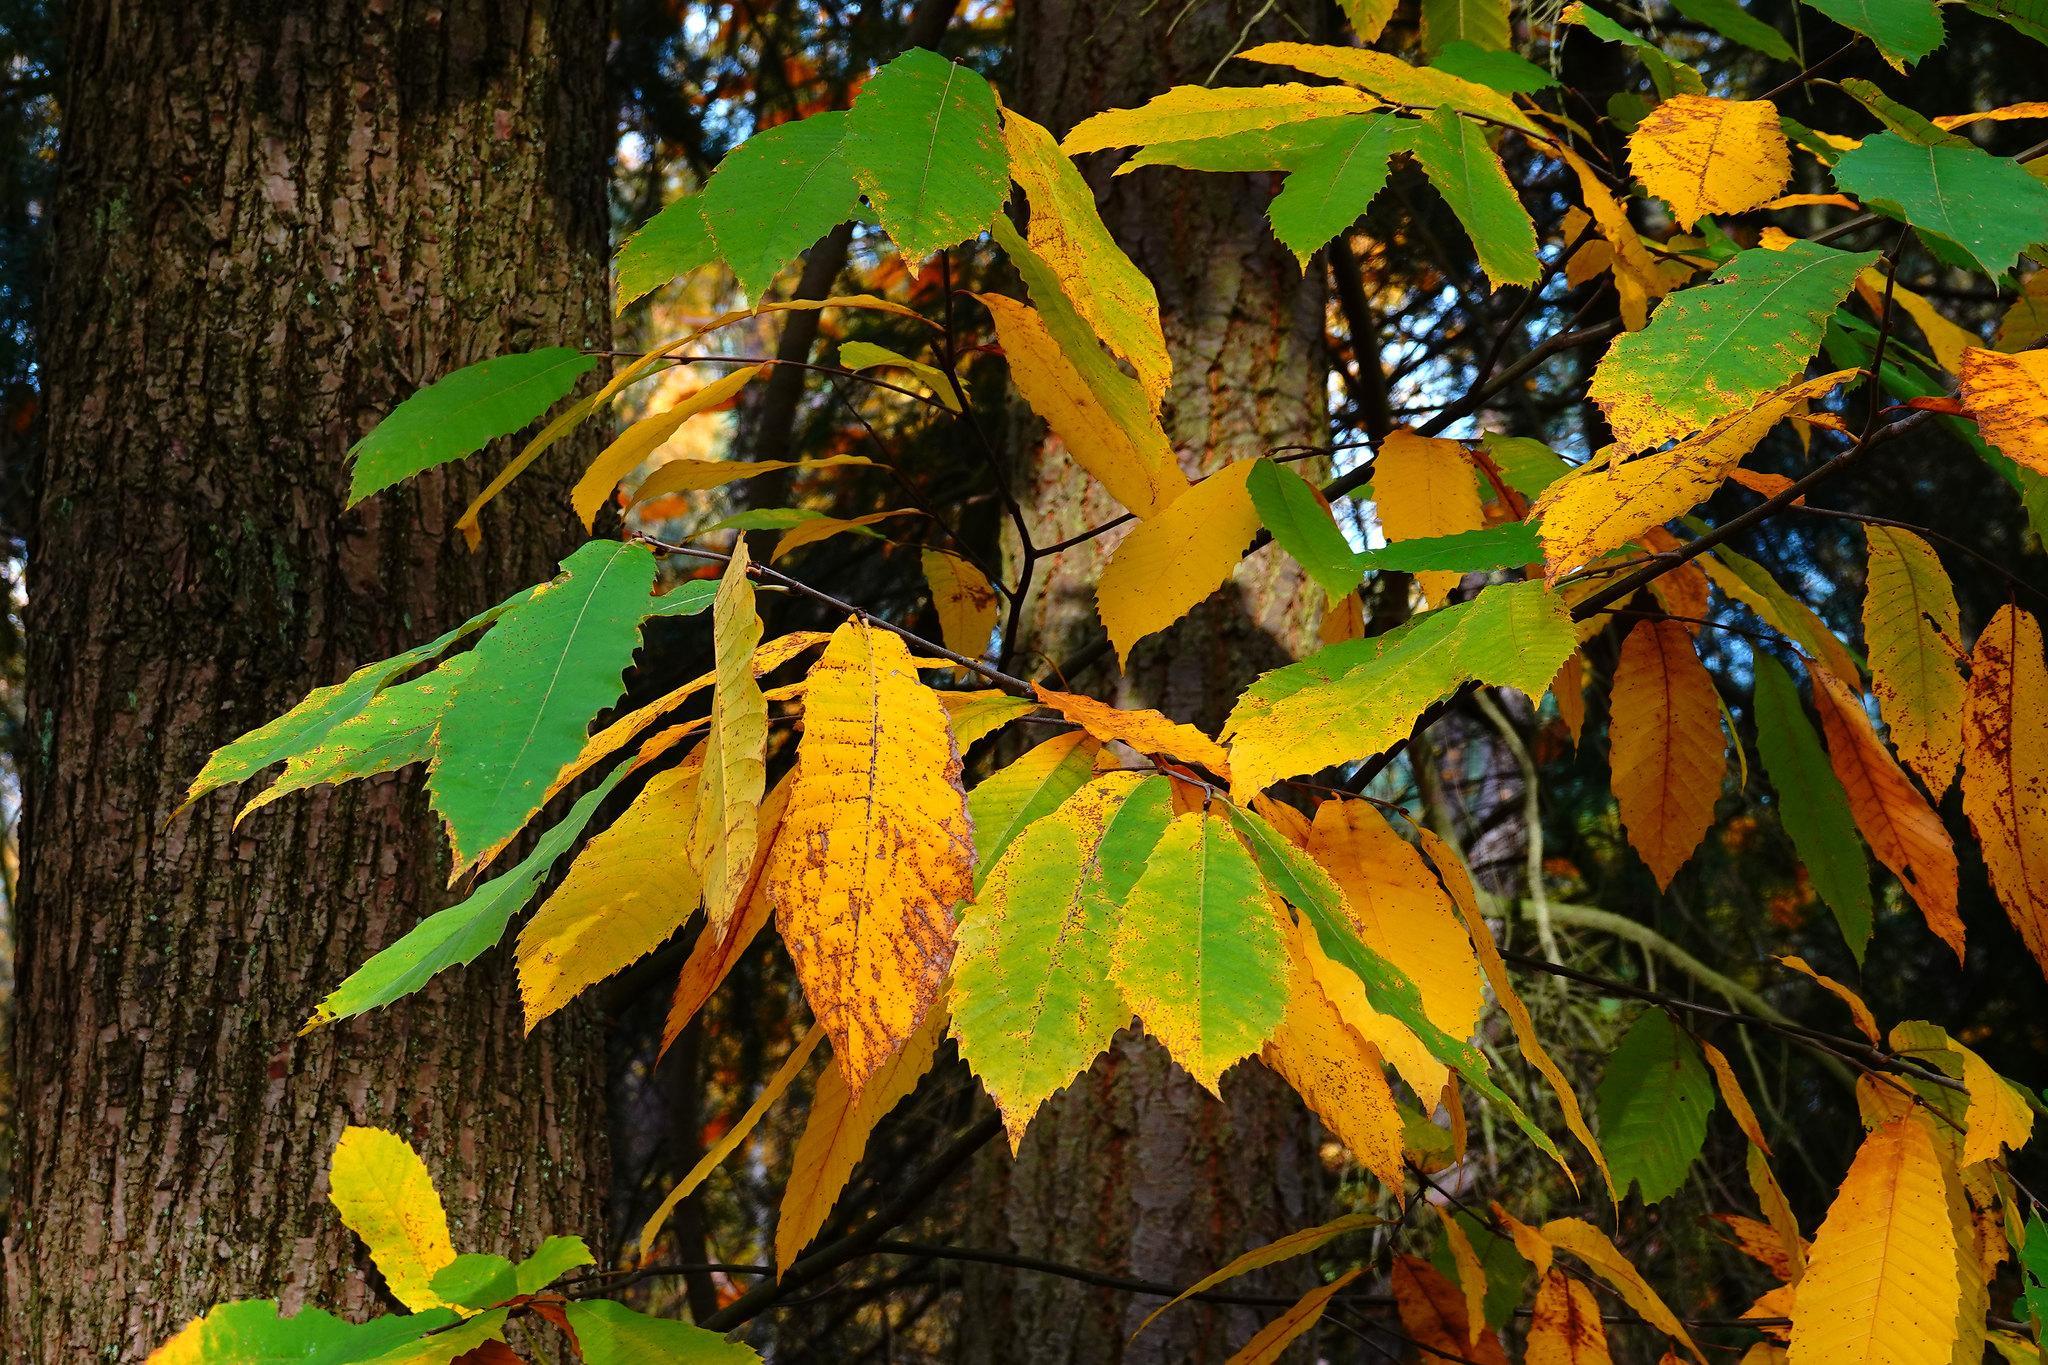 жёлтые и зелёные листья каштана